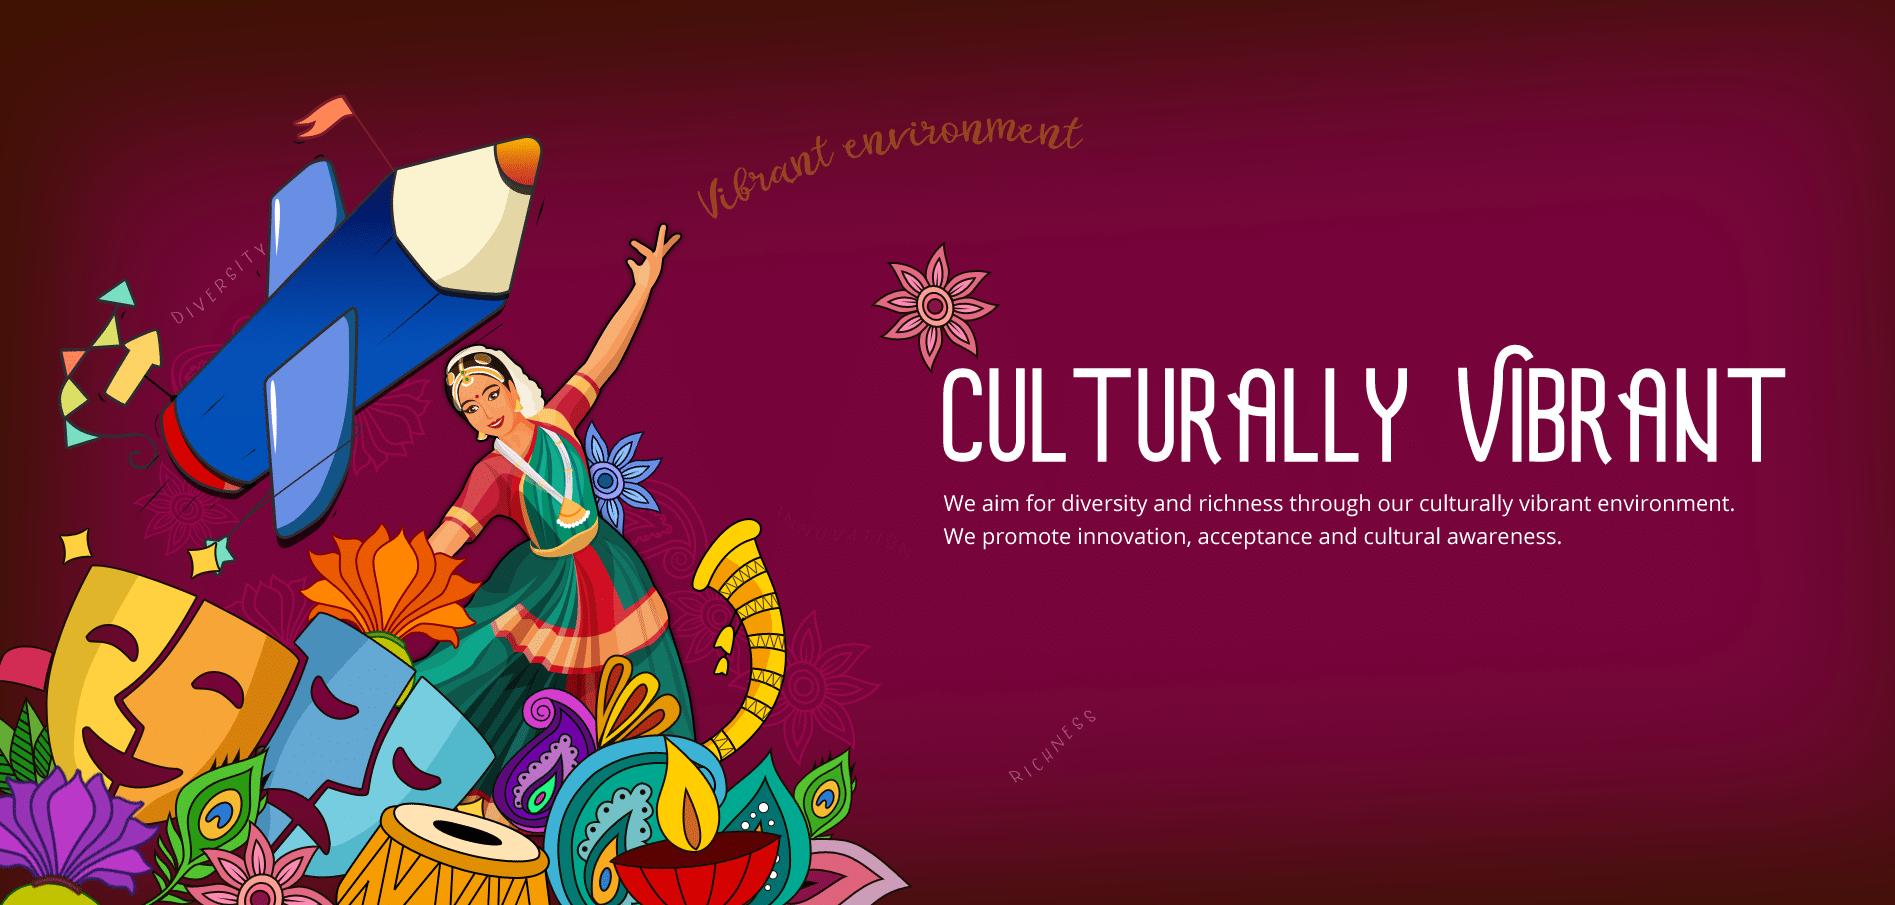 KGI Culturally Vibrant